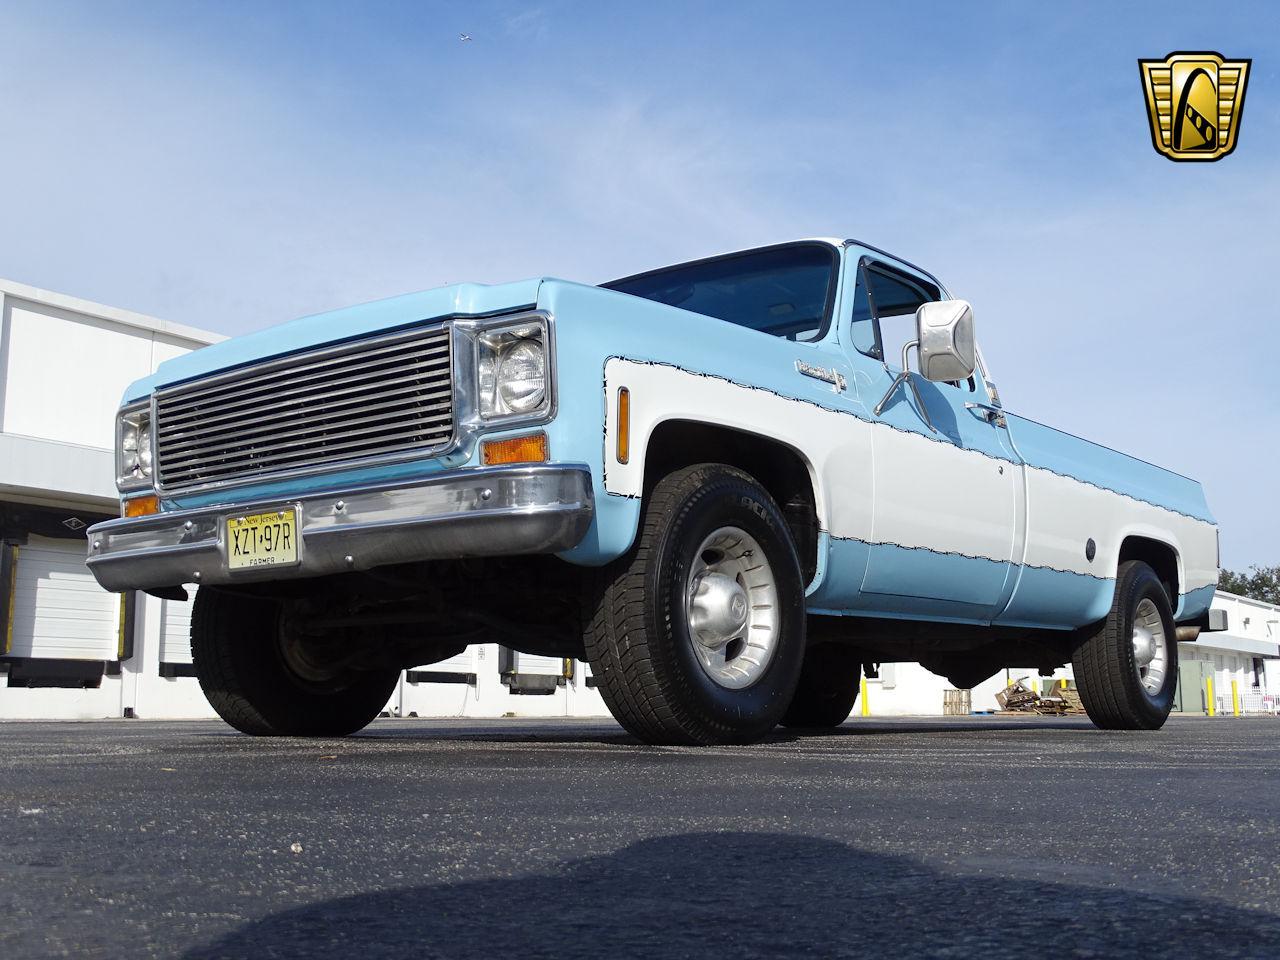 1974 Chevrolet C20 17